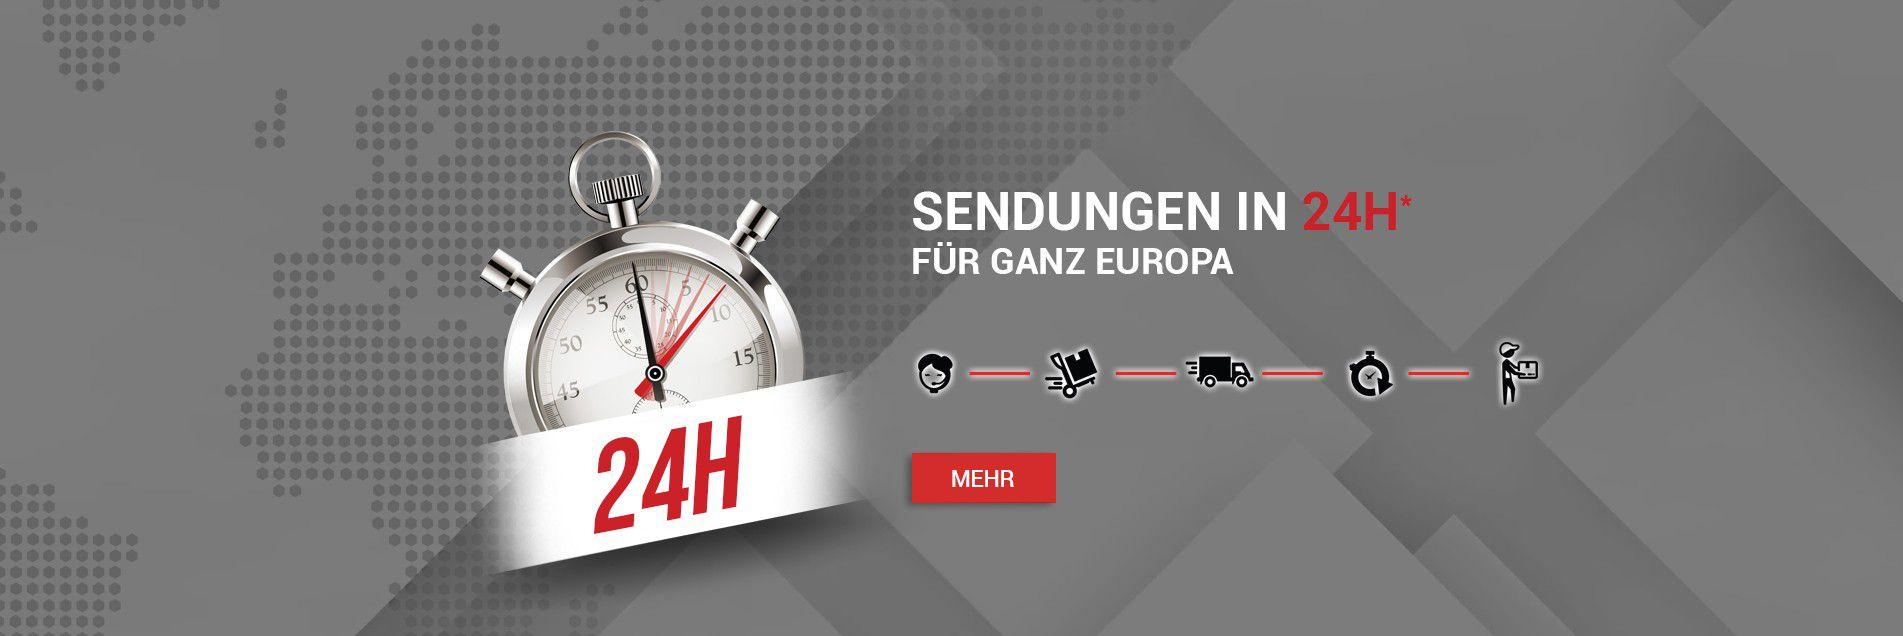 sendungen in 24h für ganz europa